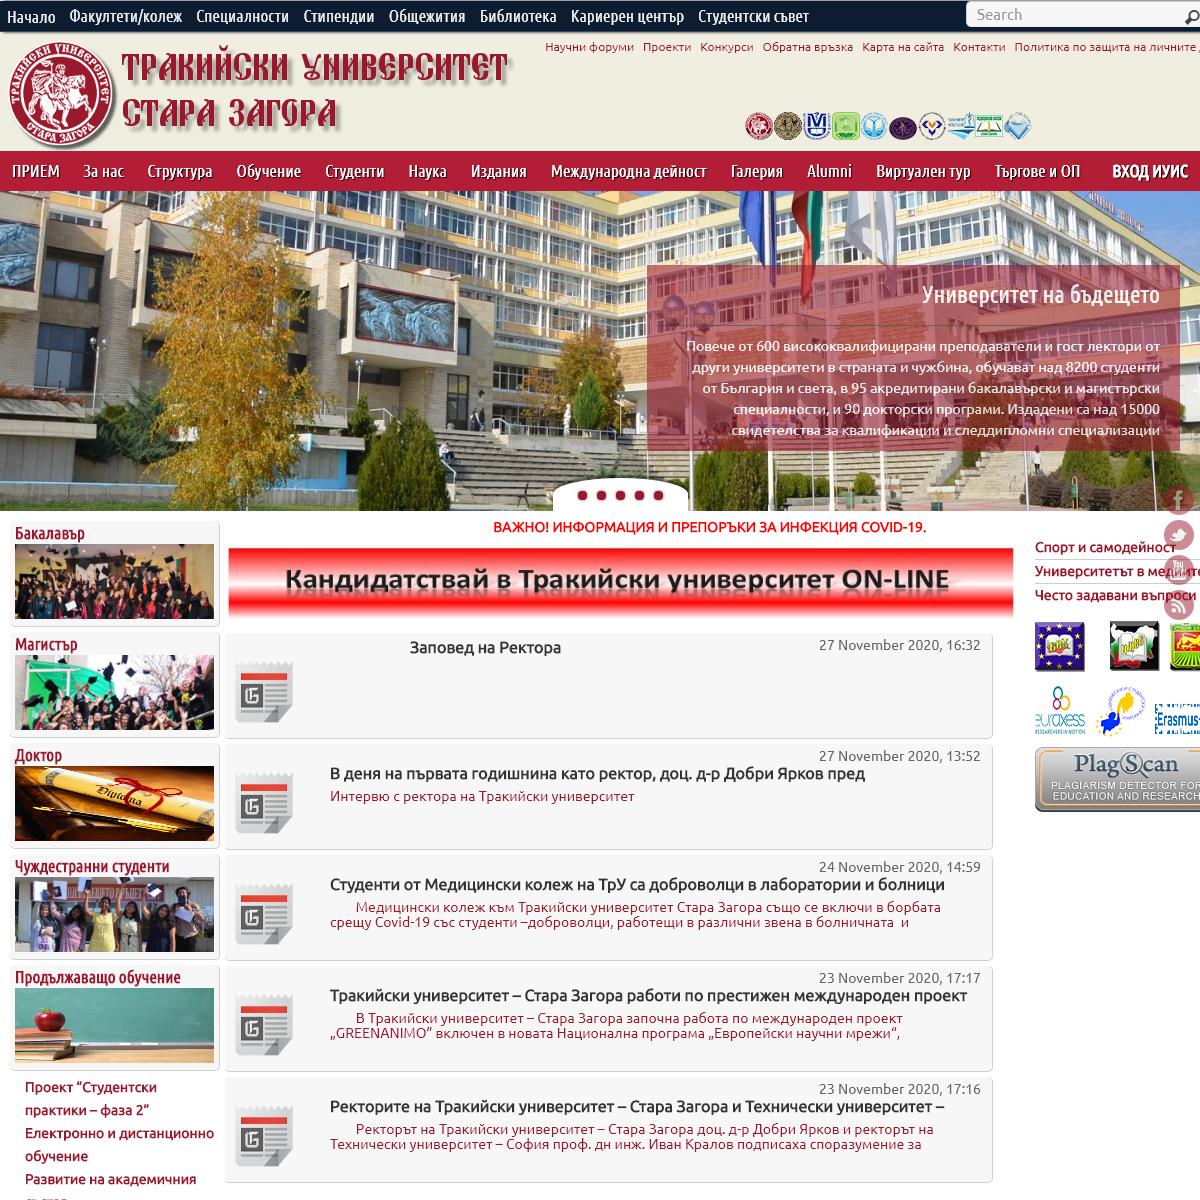 ТРАКИЙСКИ УНИВЕРСИТЕТ СТАРА ЗАГОРА – Официален портал на Тракийския